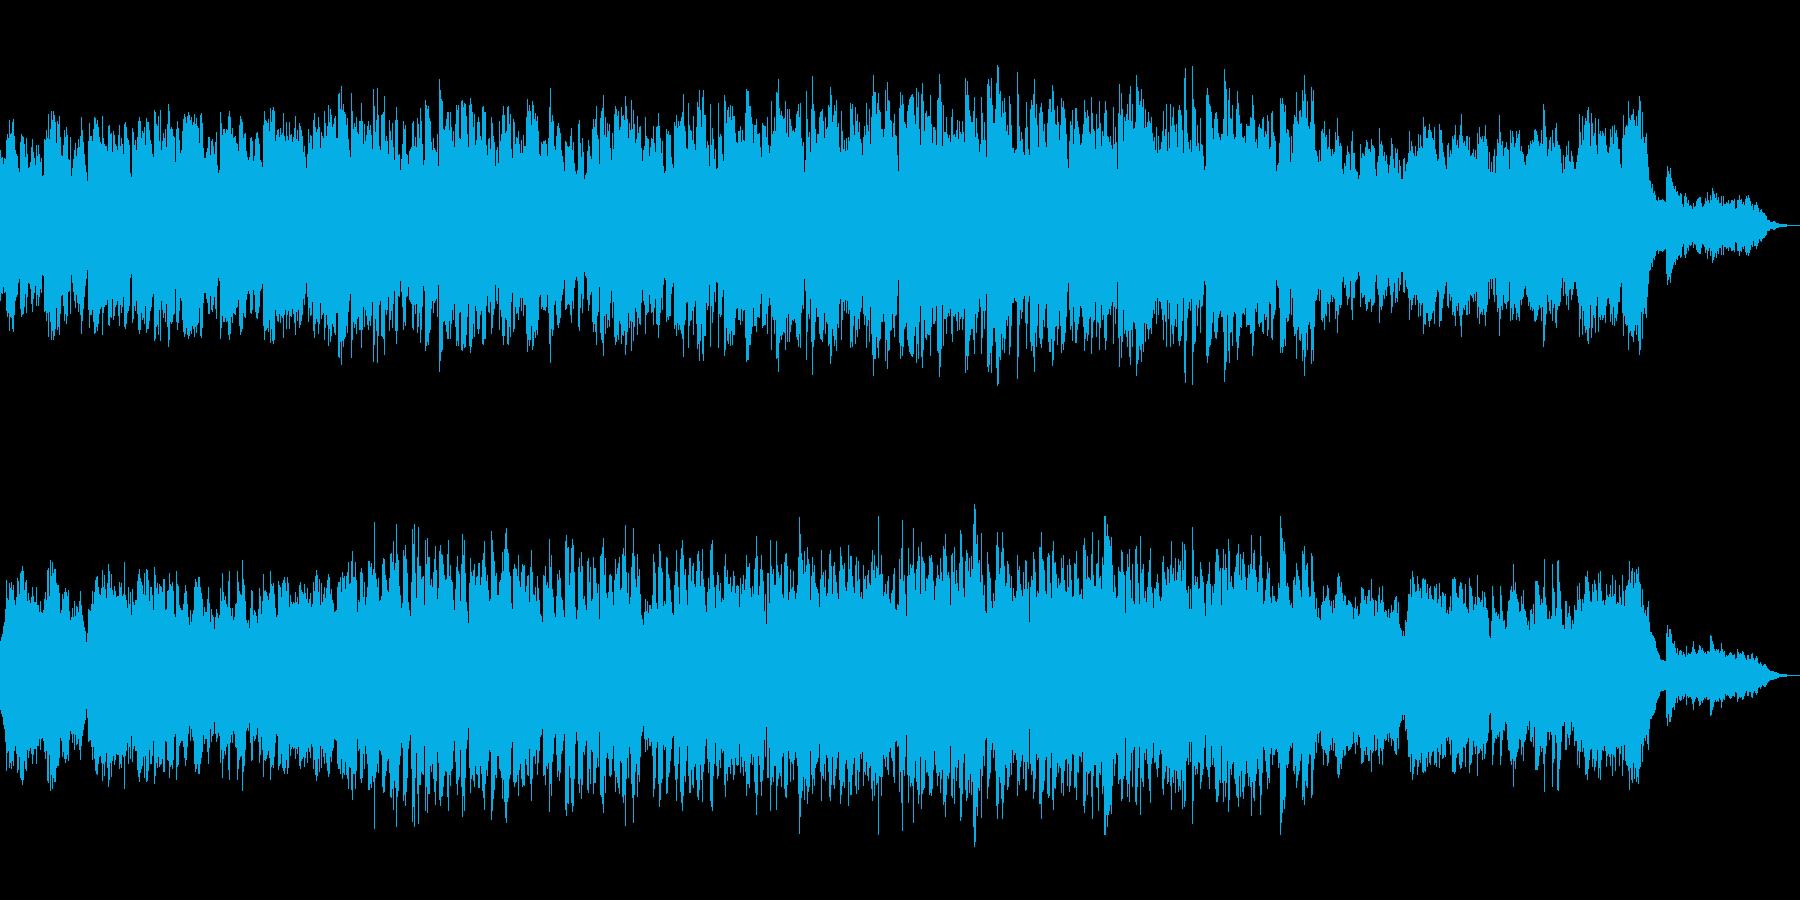 軽やかなピアノの演奏が印象的な楽曲の再生済みの波形